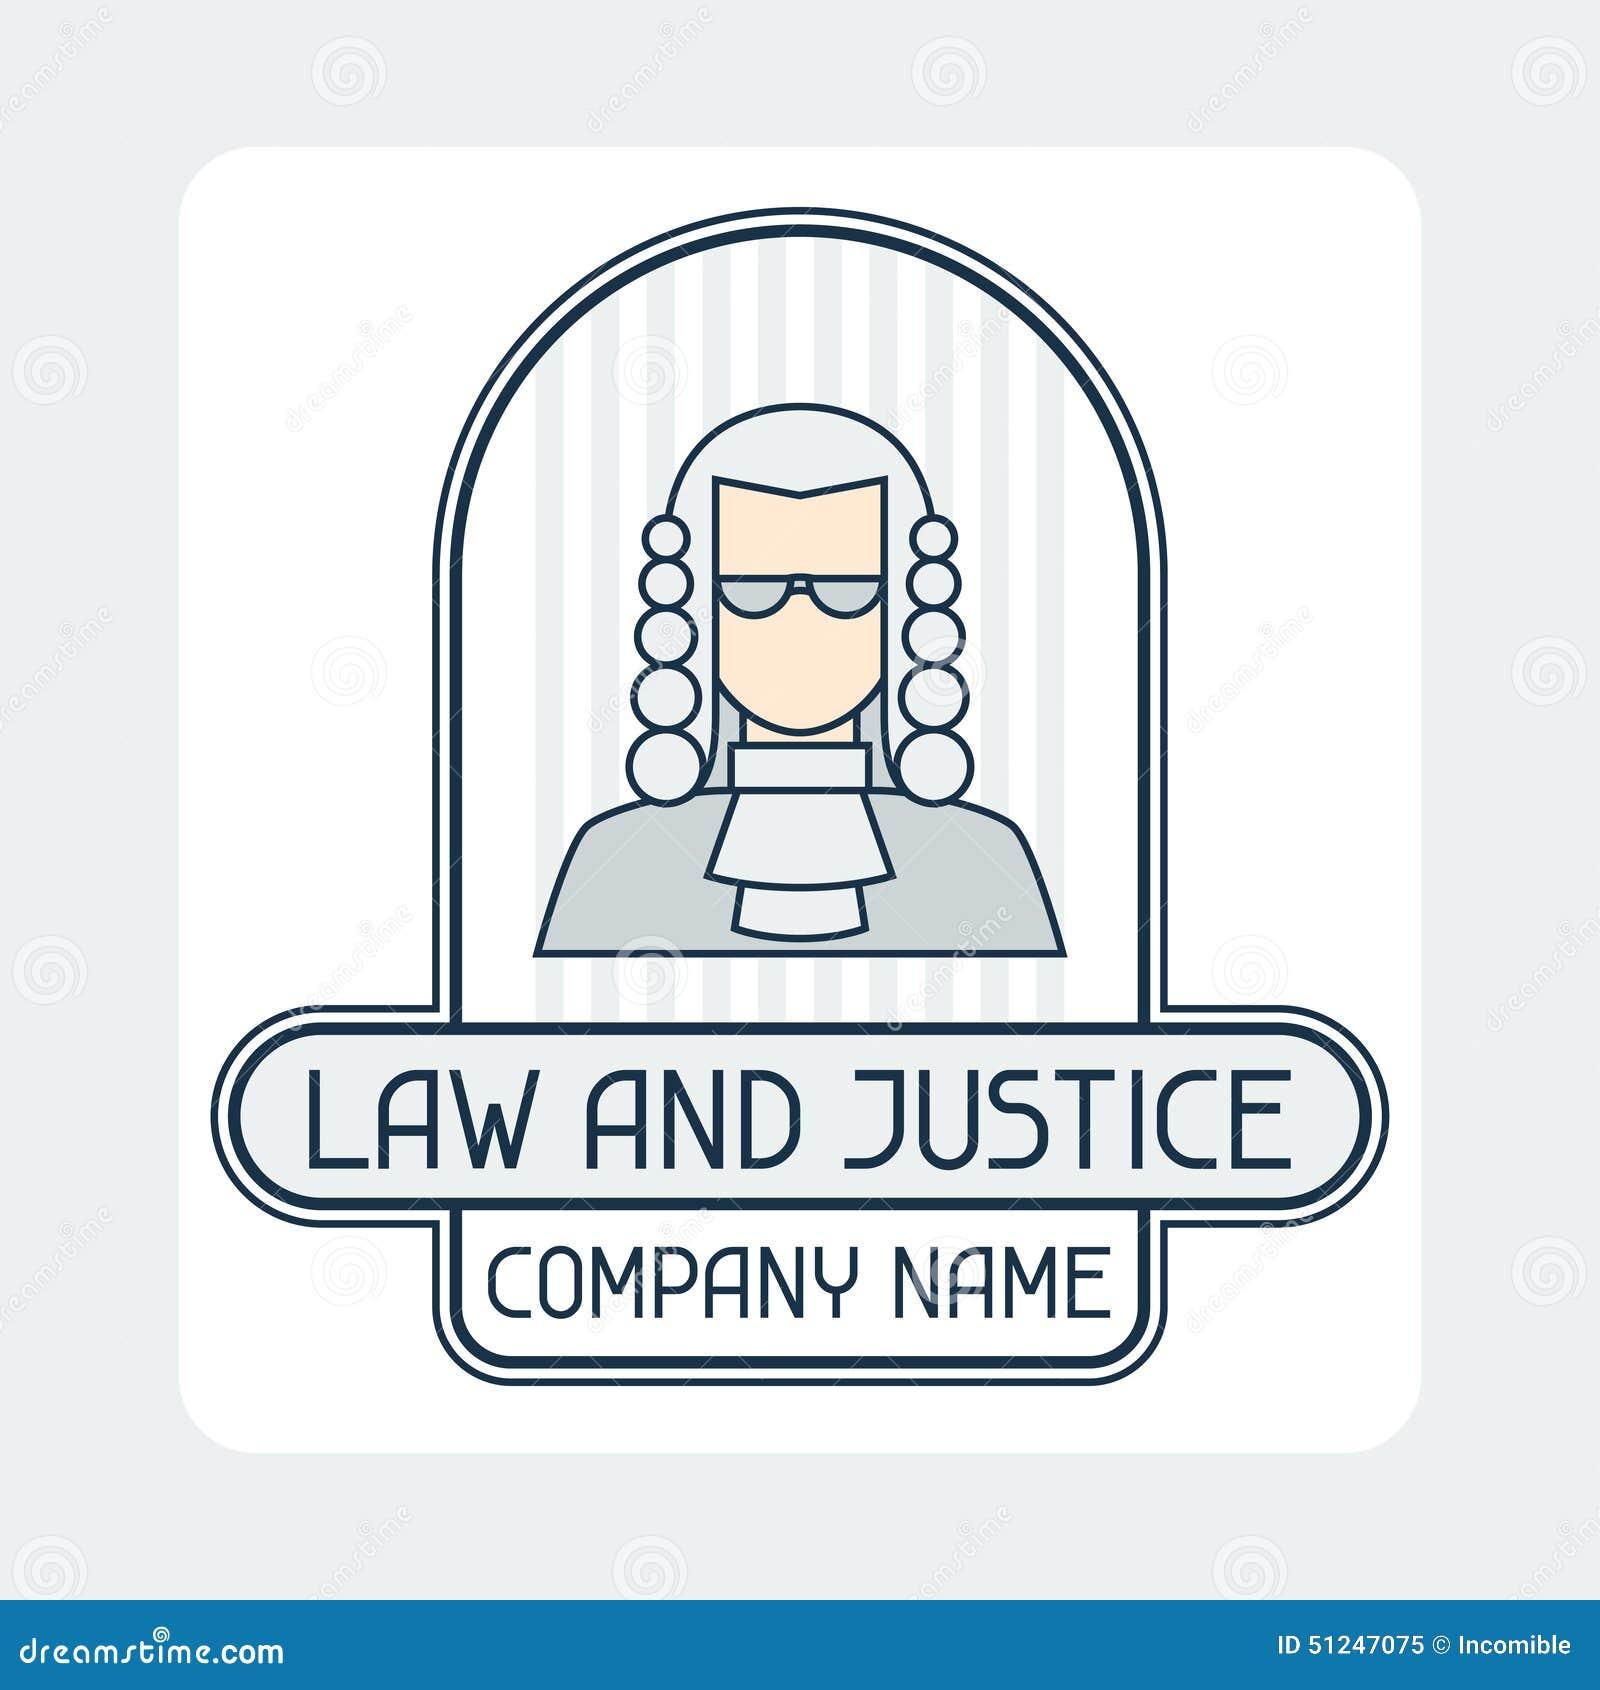 法律和正义公司名称概念象征图片